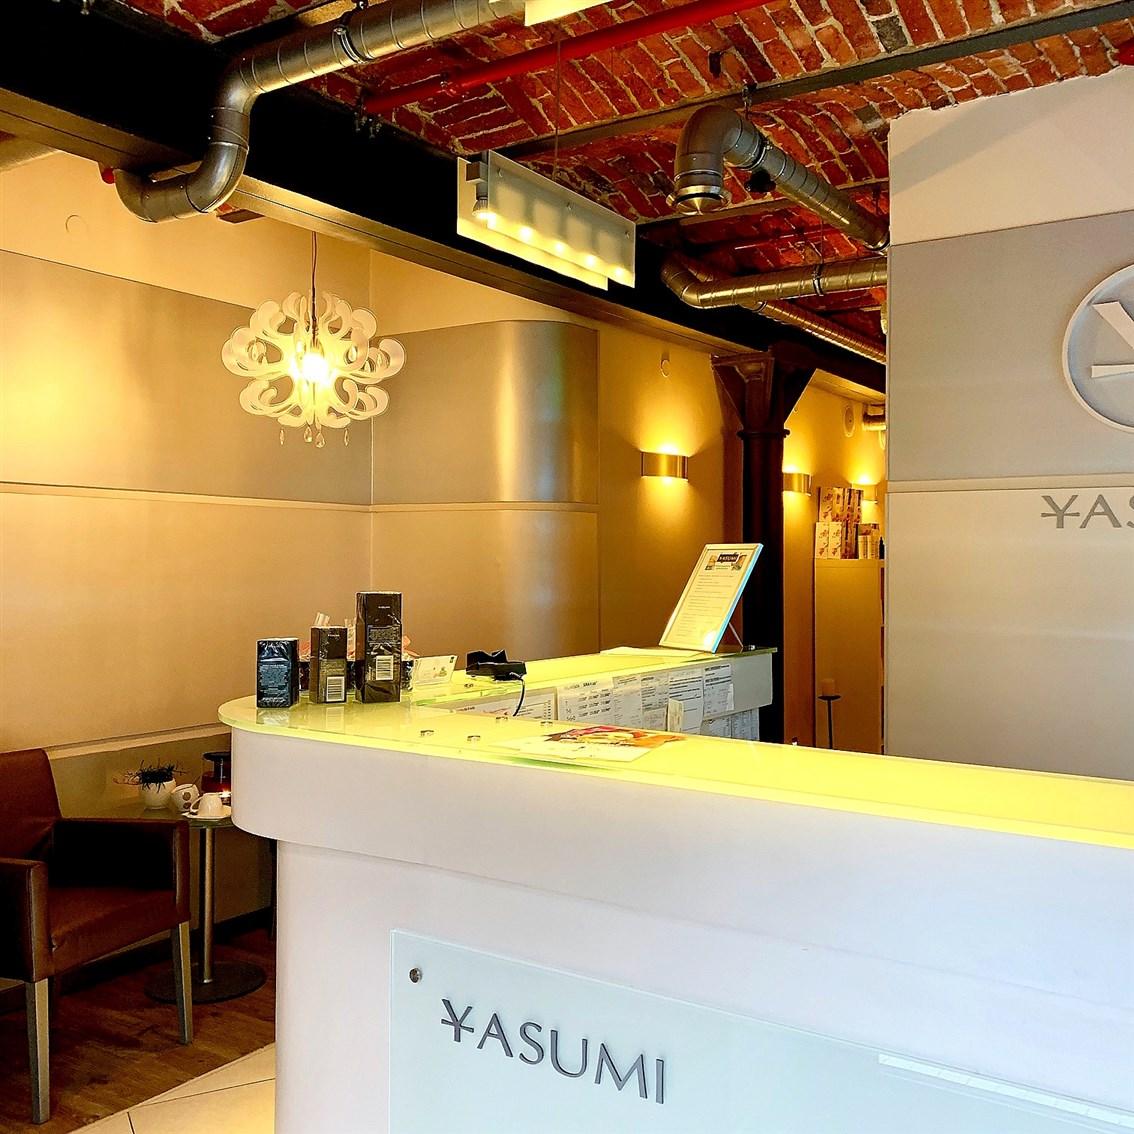 Yasumi Łódź